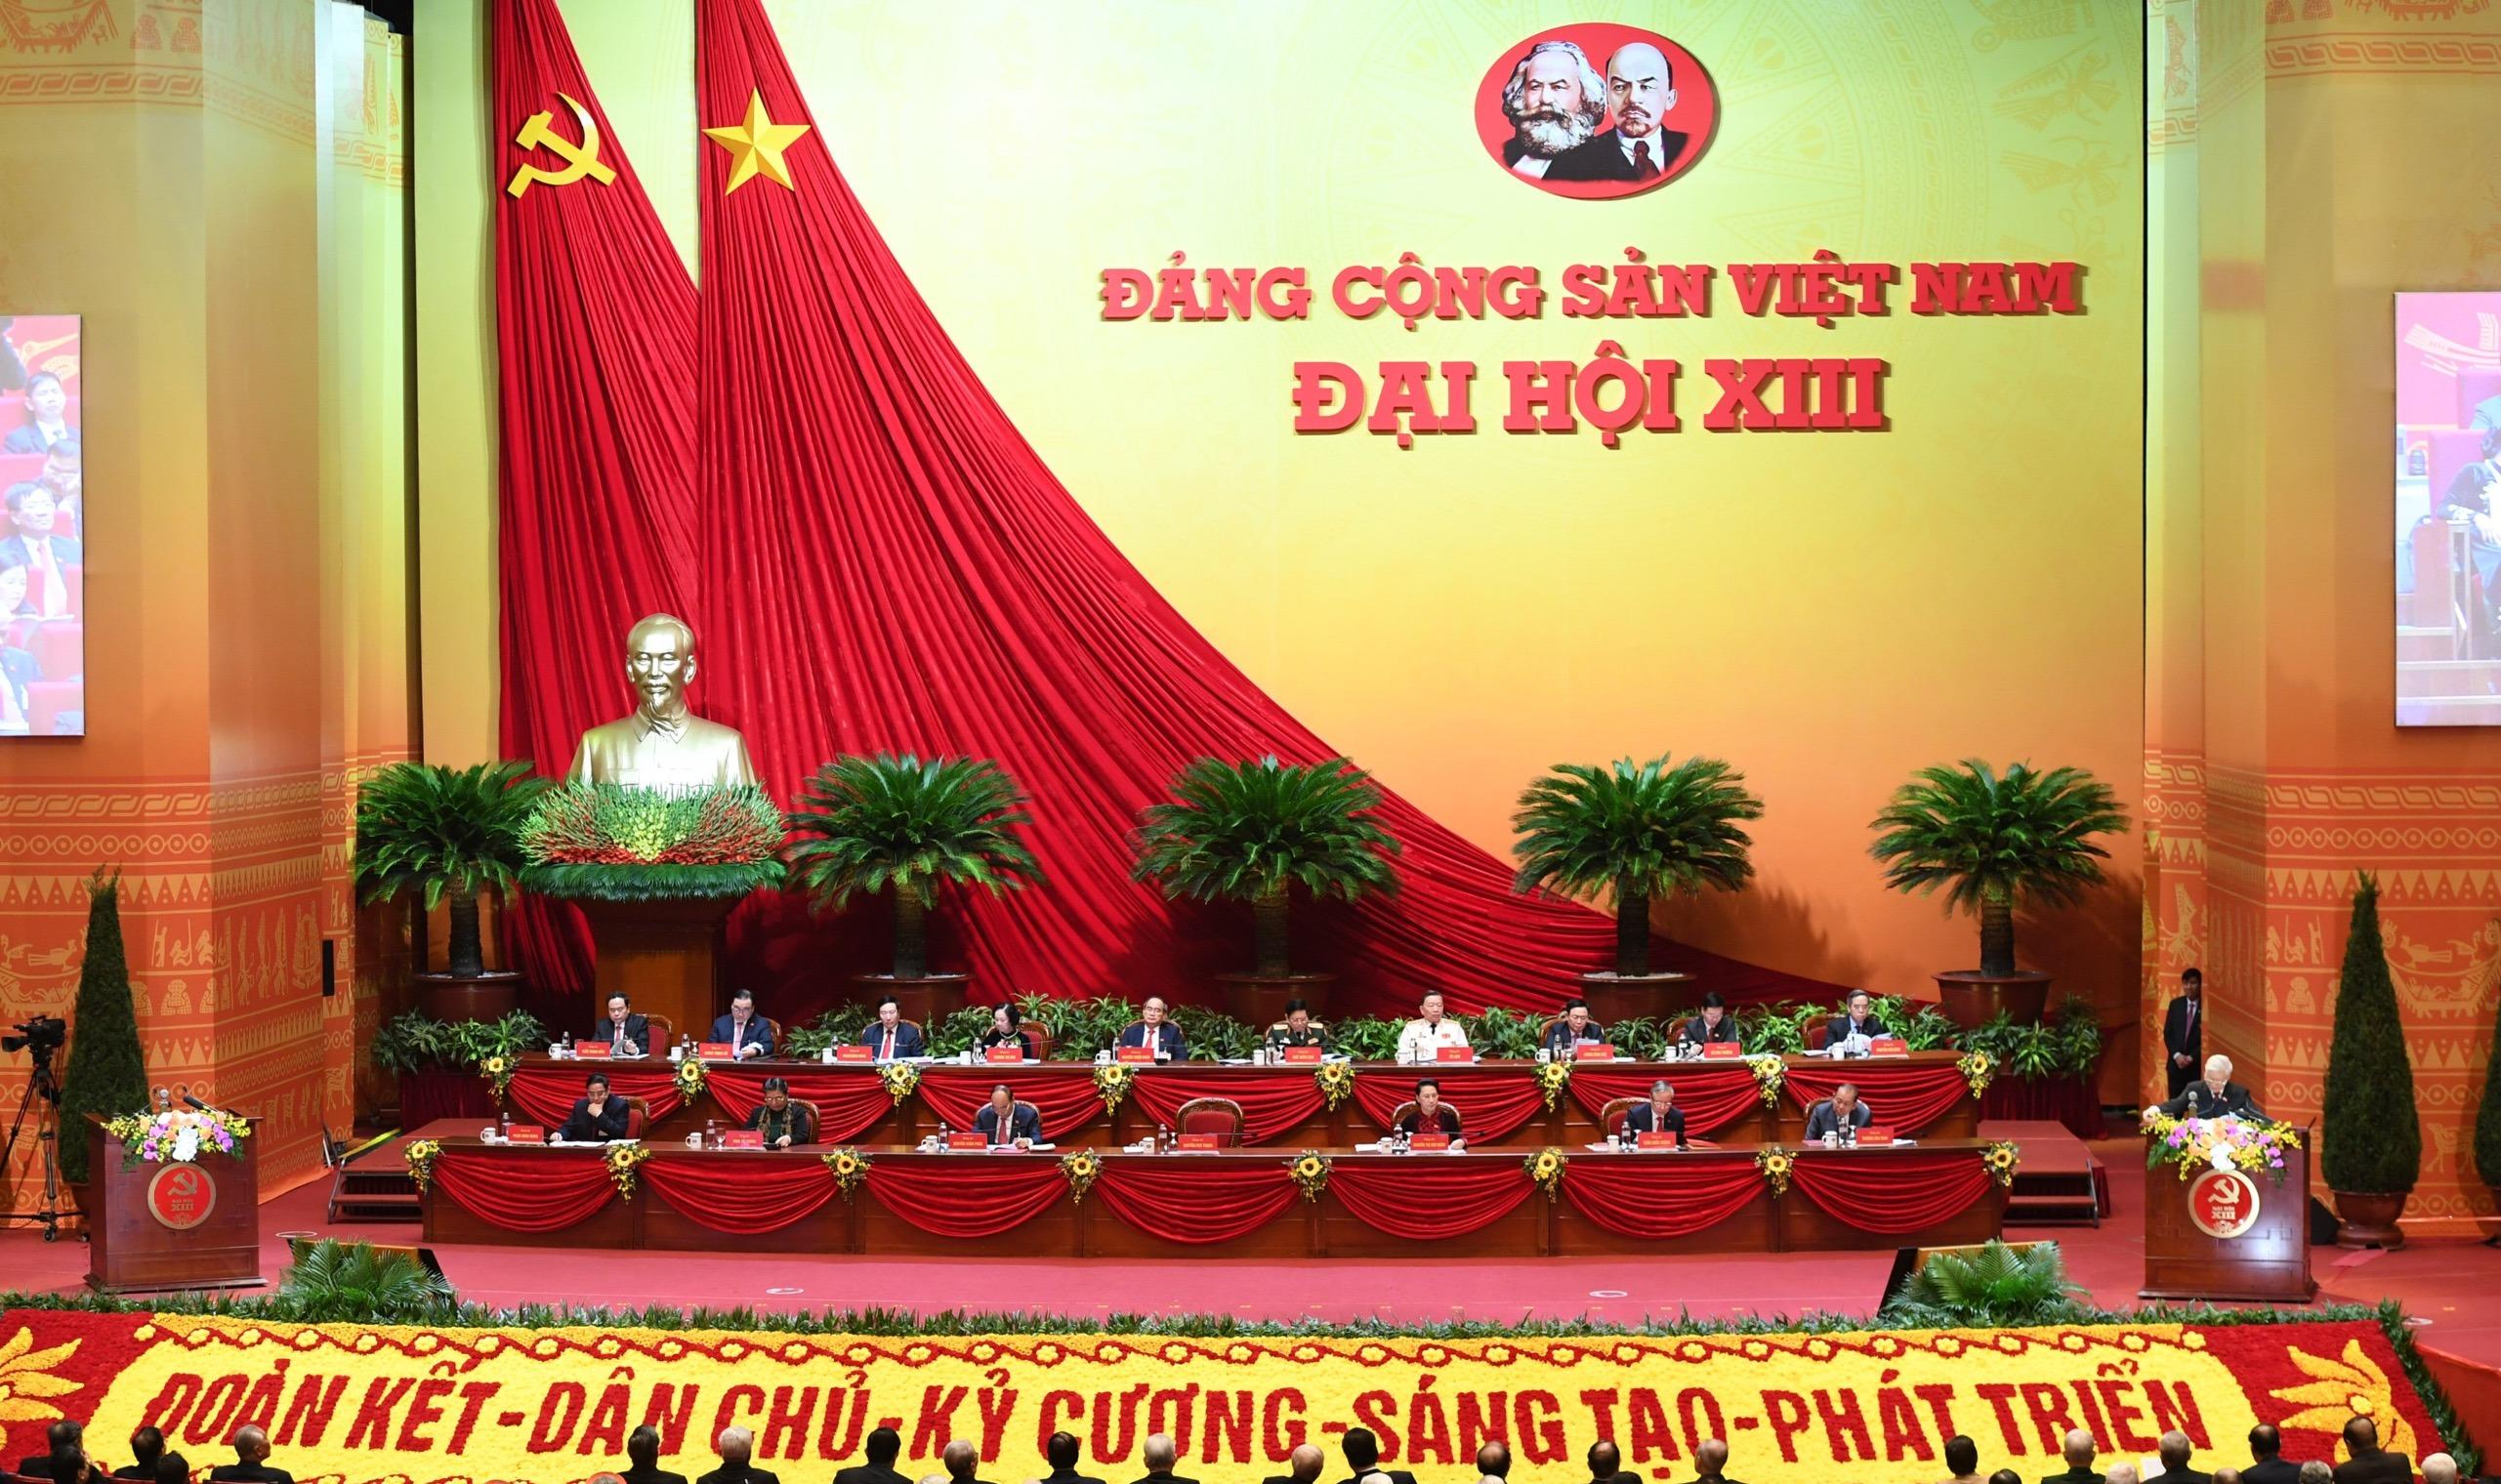 Kế hoạch học tập và triển khai thực hiện Chuyên đề toàn khóa nhiệm kỳ Đại hội XIII của Đảng